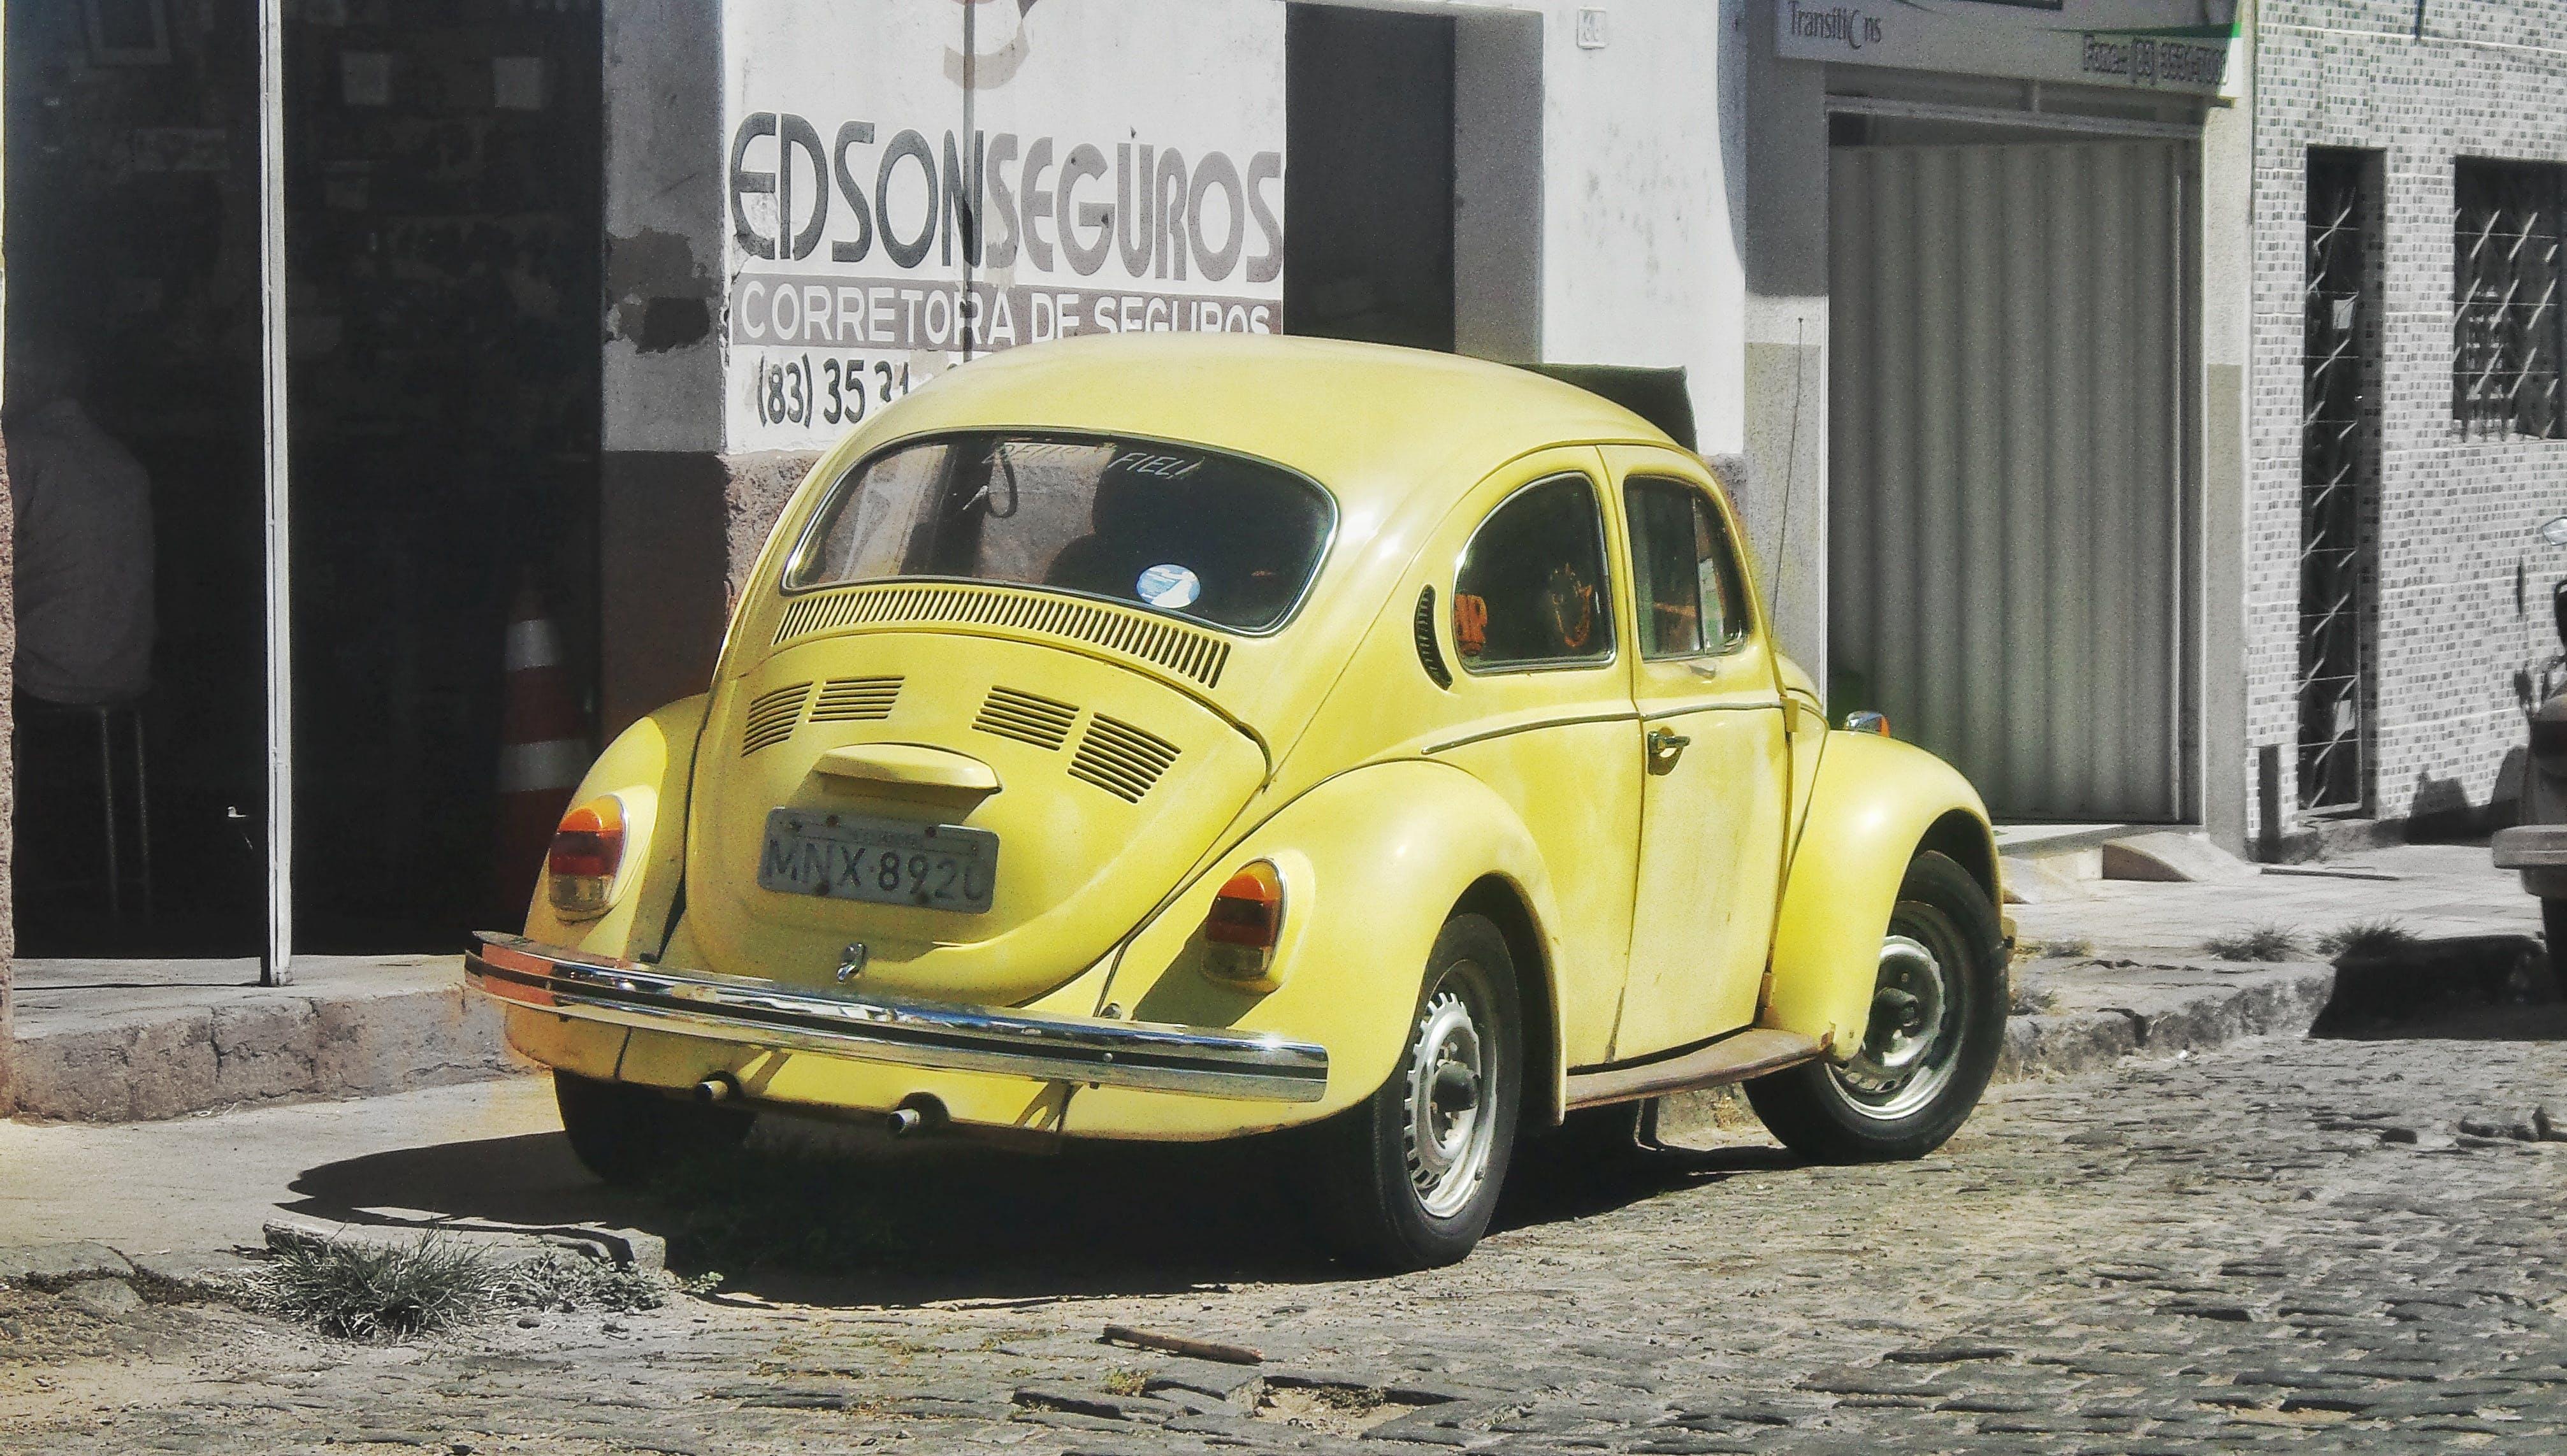 Free stock photo of beetle, street photo, Volks, volkswagen